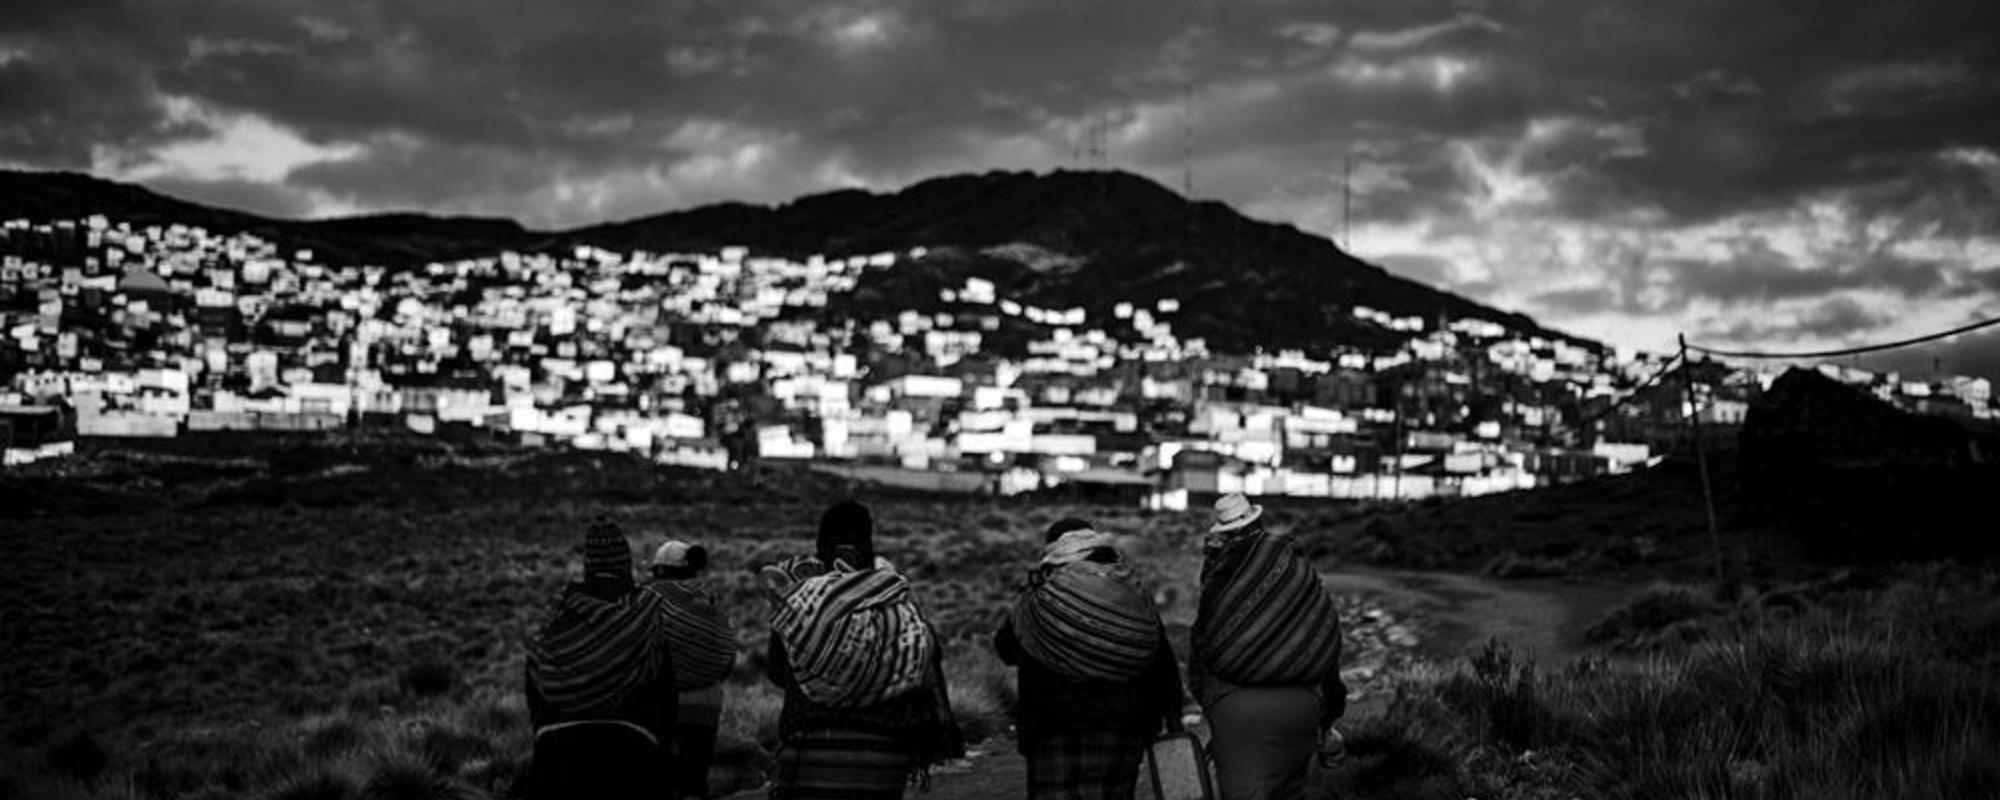 Femeile din minele ilegale de aur din Peru